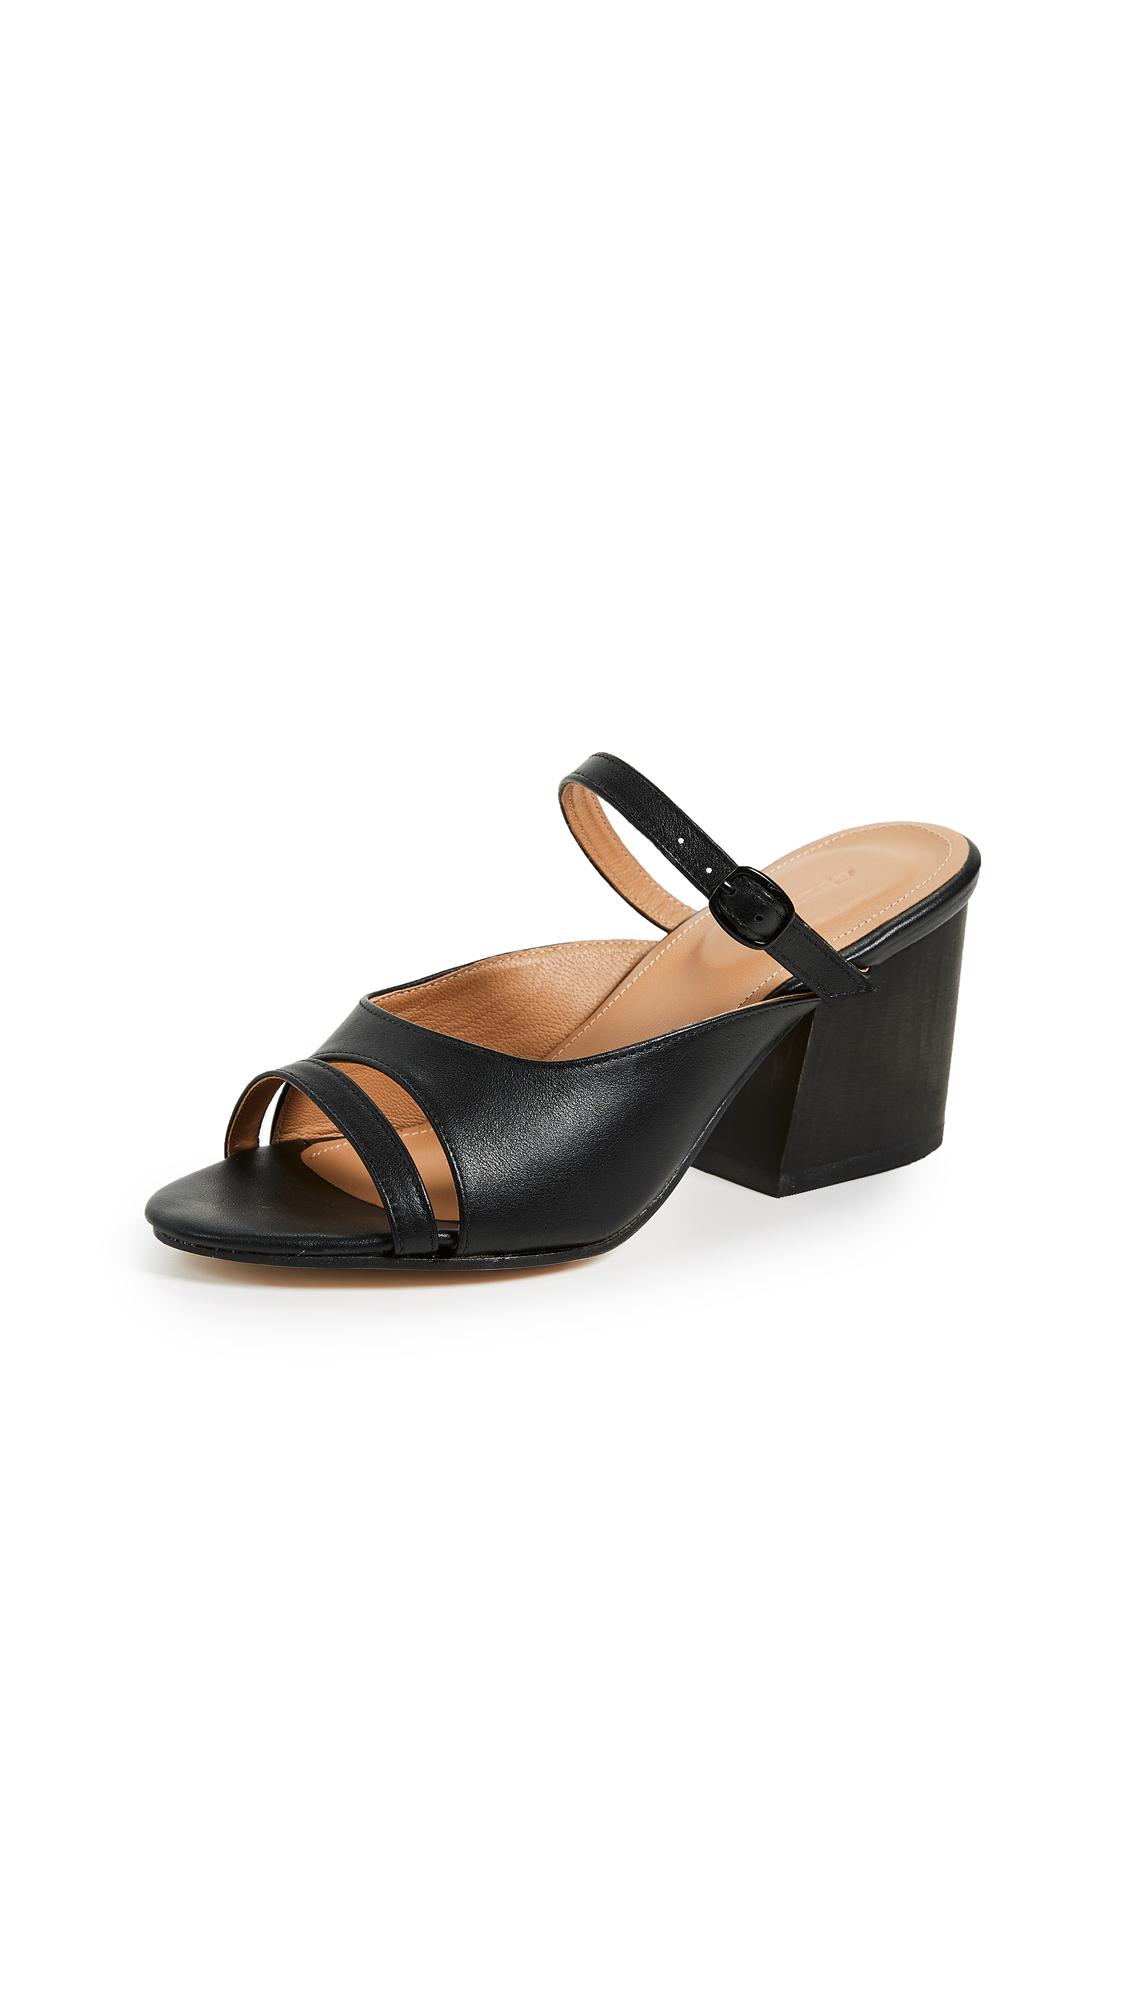 The Palatines Seta Buckle Slides - Black/Black